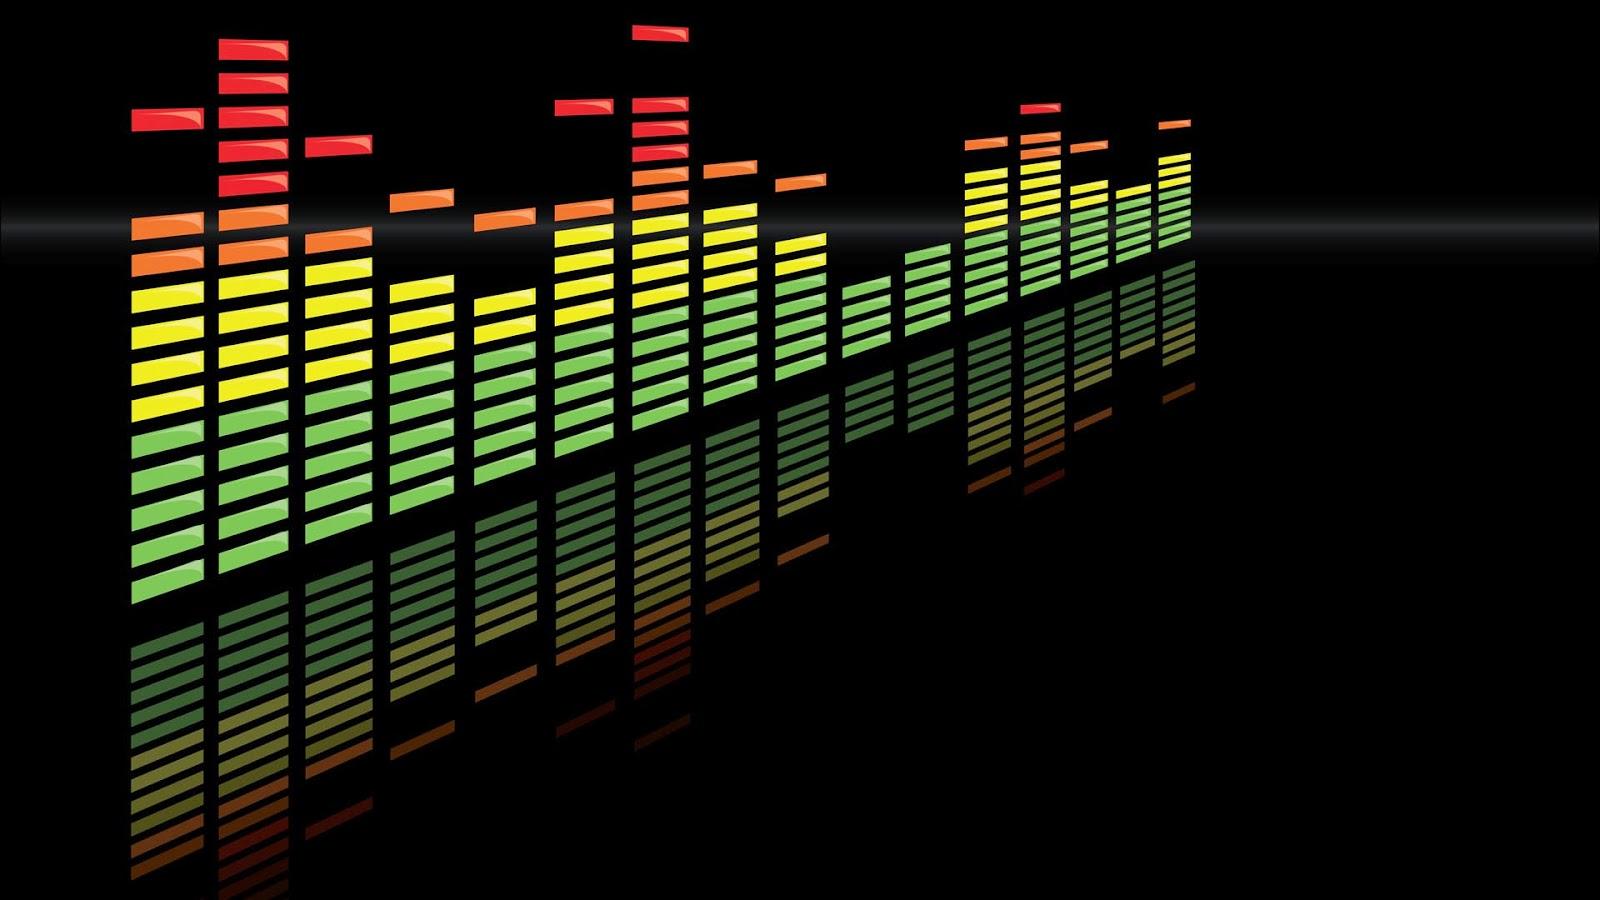 Music Wallpaper   Download best hd wallpaper 1600x900